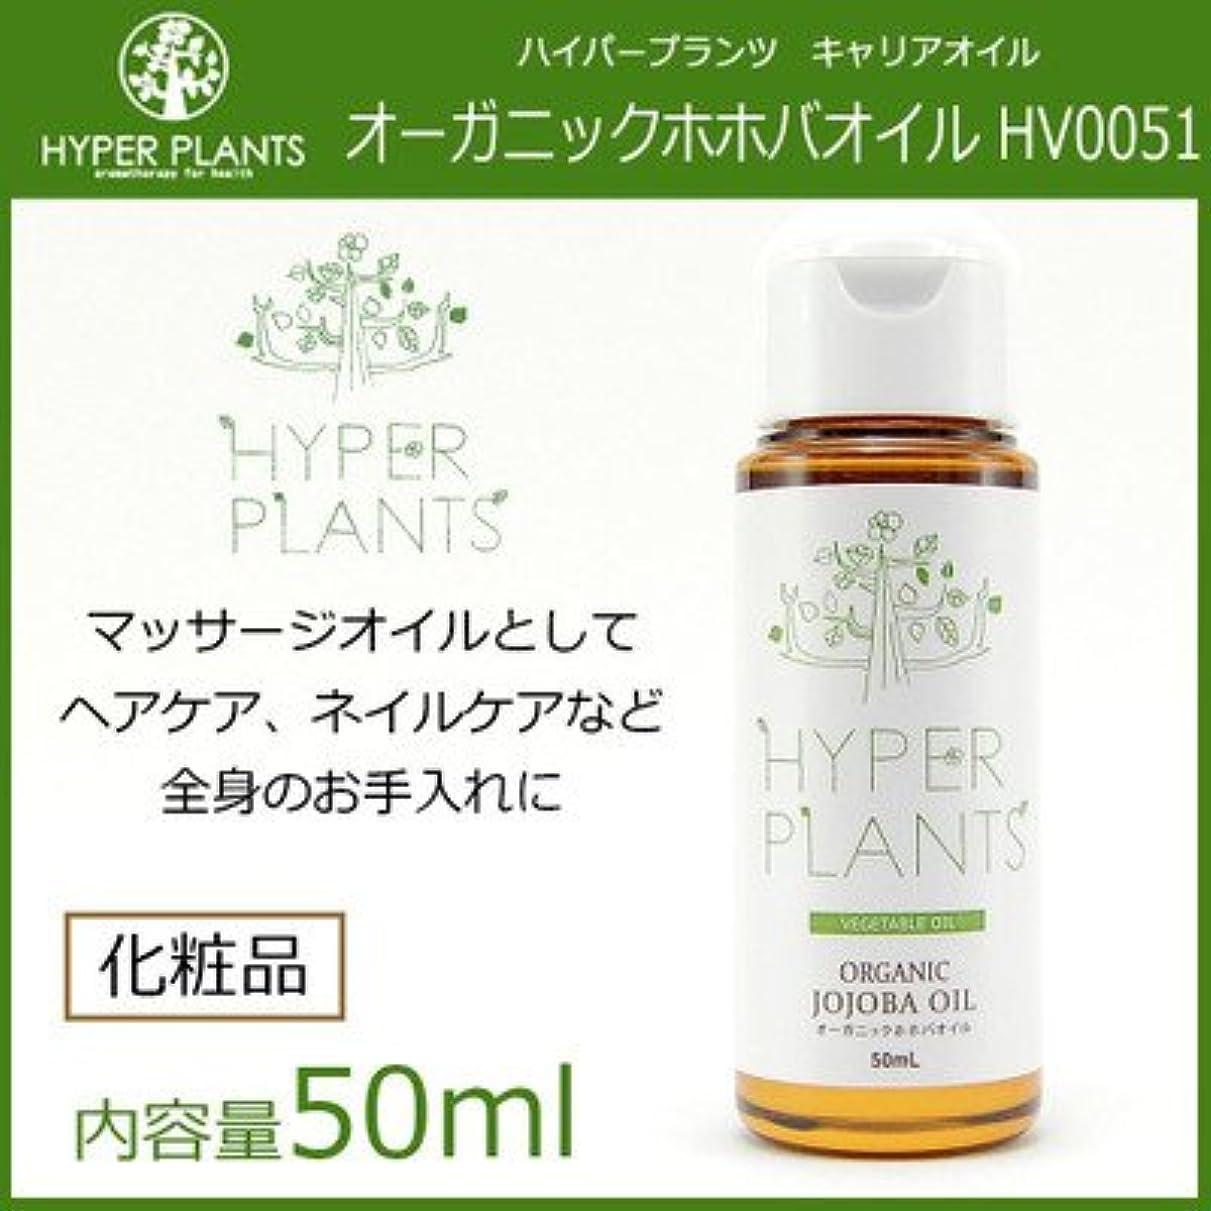 浴バンガロー枢機卿天然植物原料100%使用 肌なじみが良い定番オイル HYPER PLANTS ハイパープランツ キャリアオイル オーガニックホホバオイル 50ml HV0051